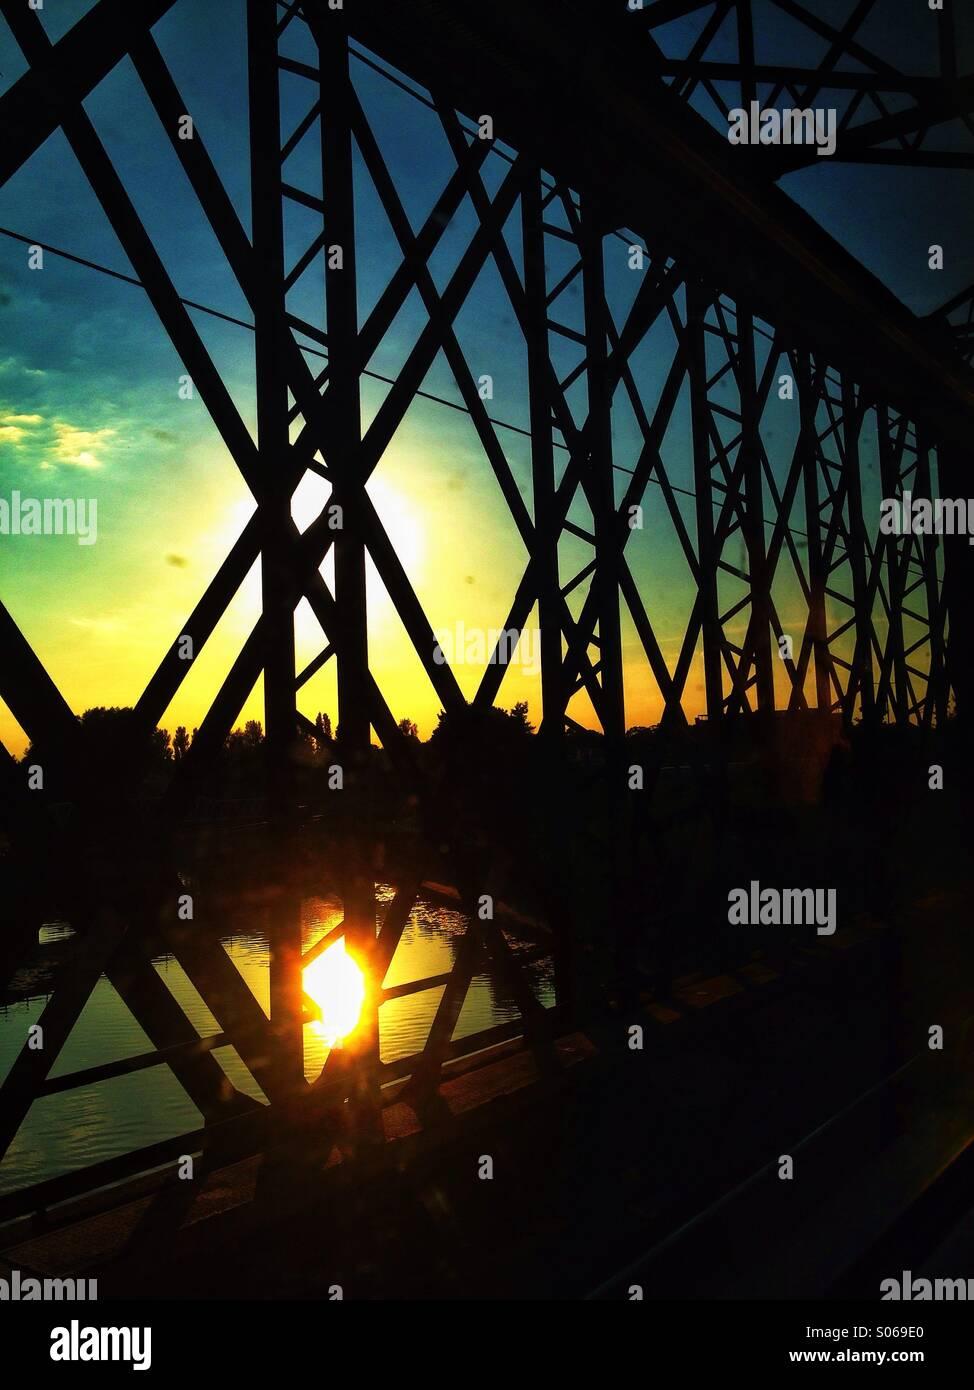 Bahn-Brücke-Sonnenuntergang Stockbild